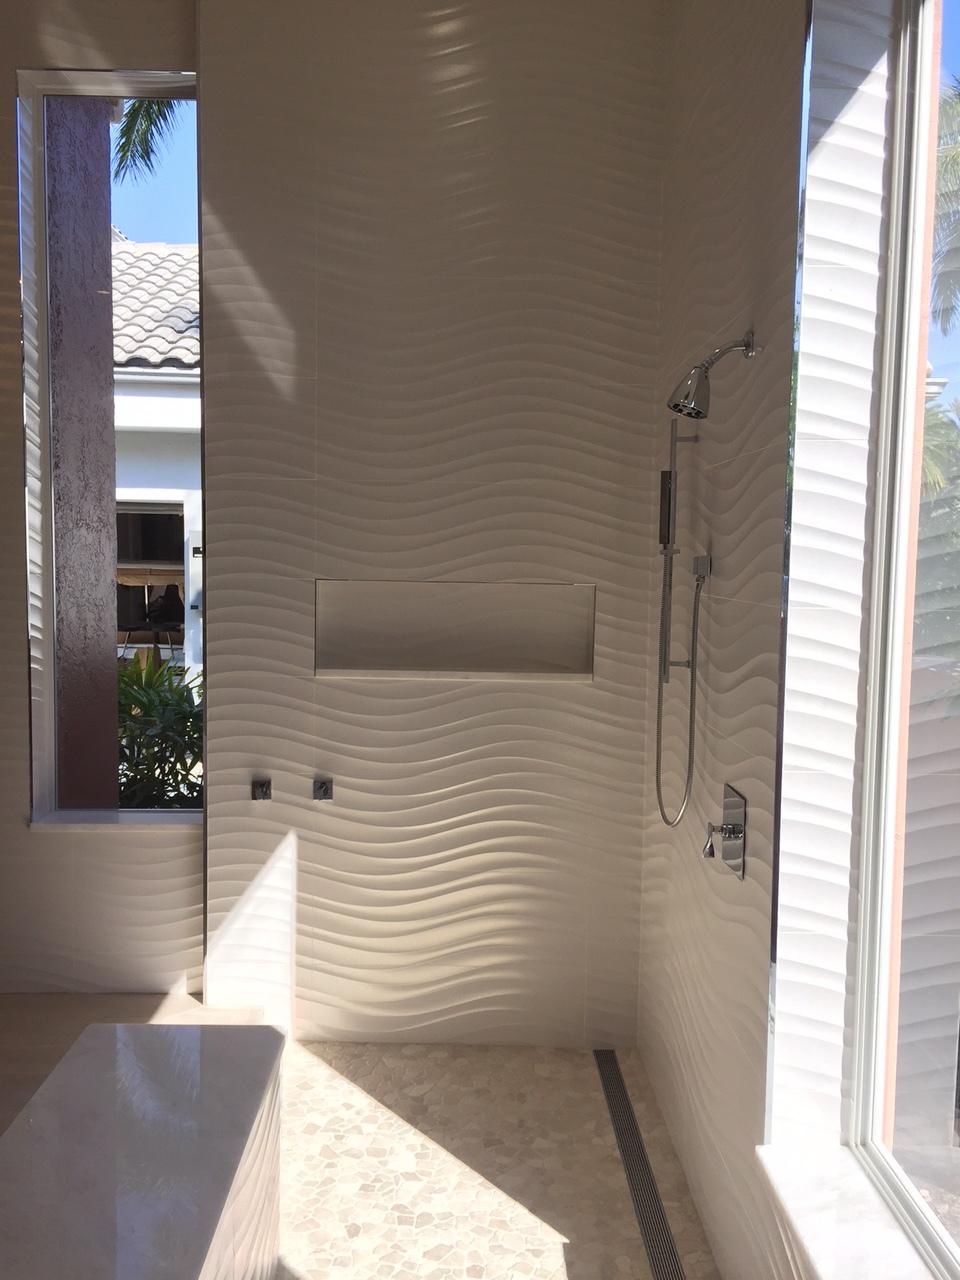 Wavy White Bathroom Tile Contemporary Karls Tile.JPG